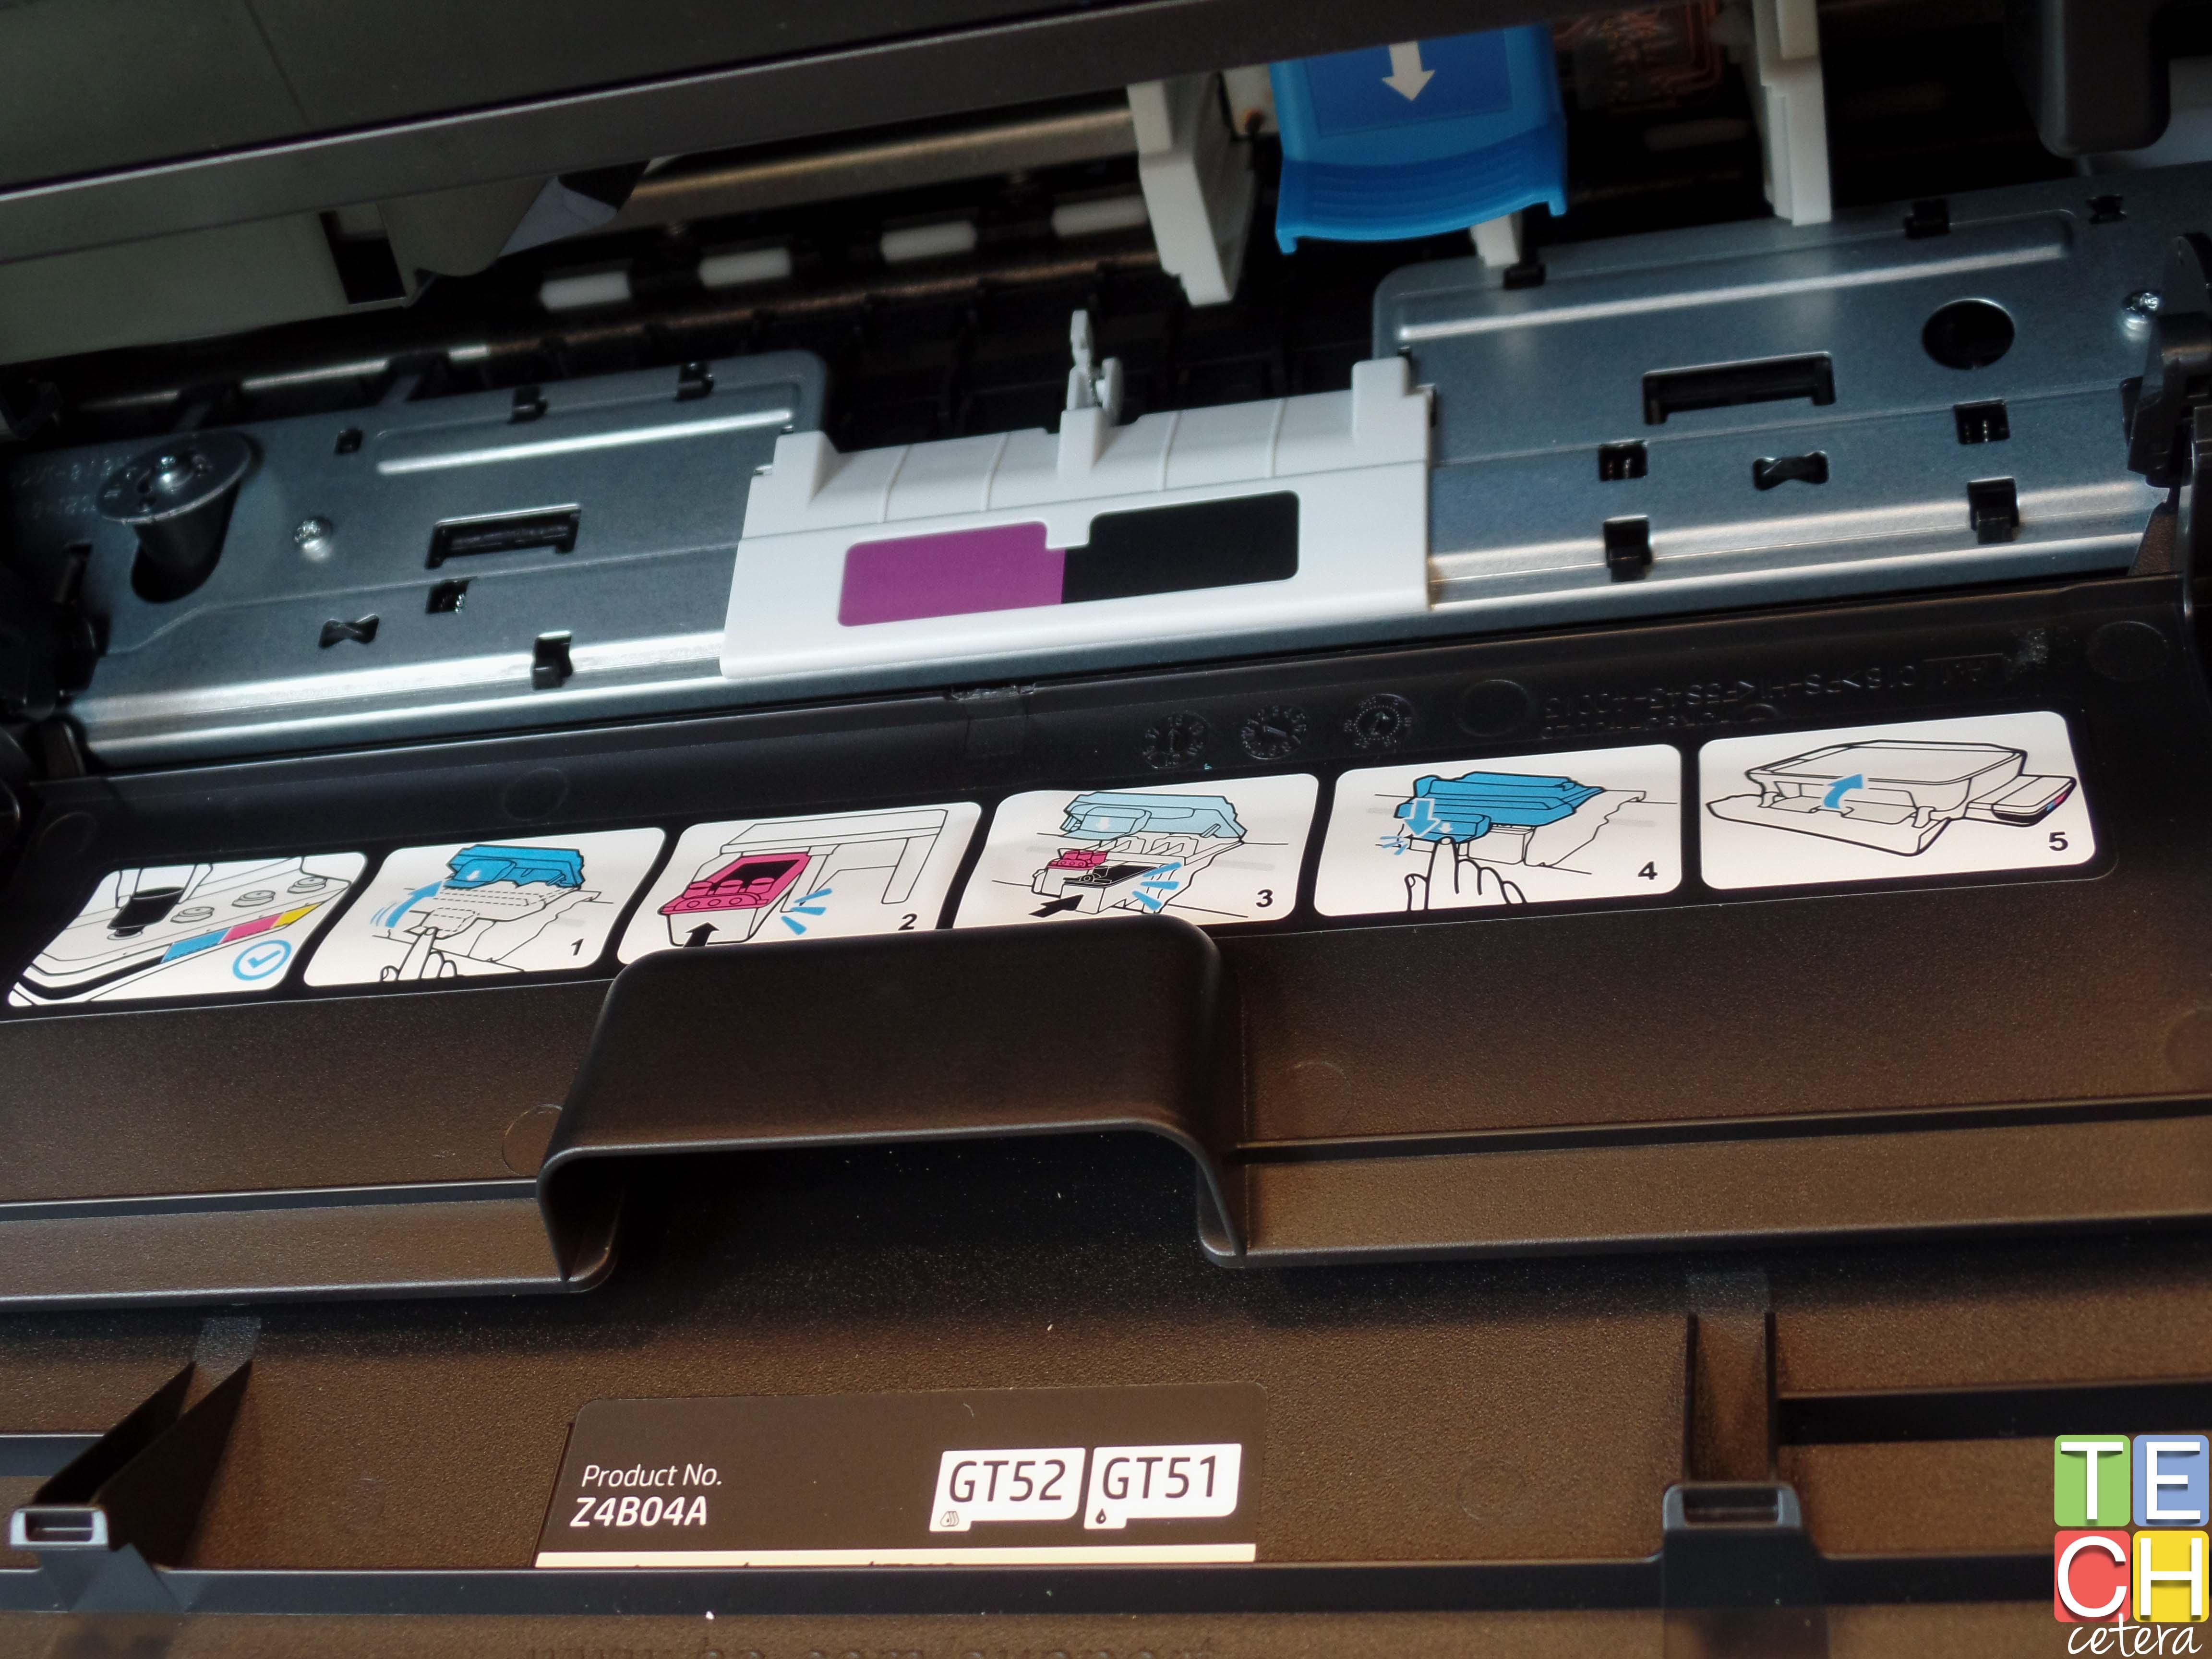 Siga las instrucciones de la impresora